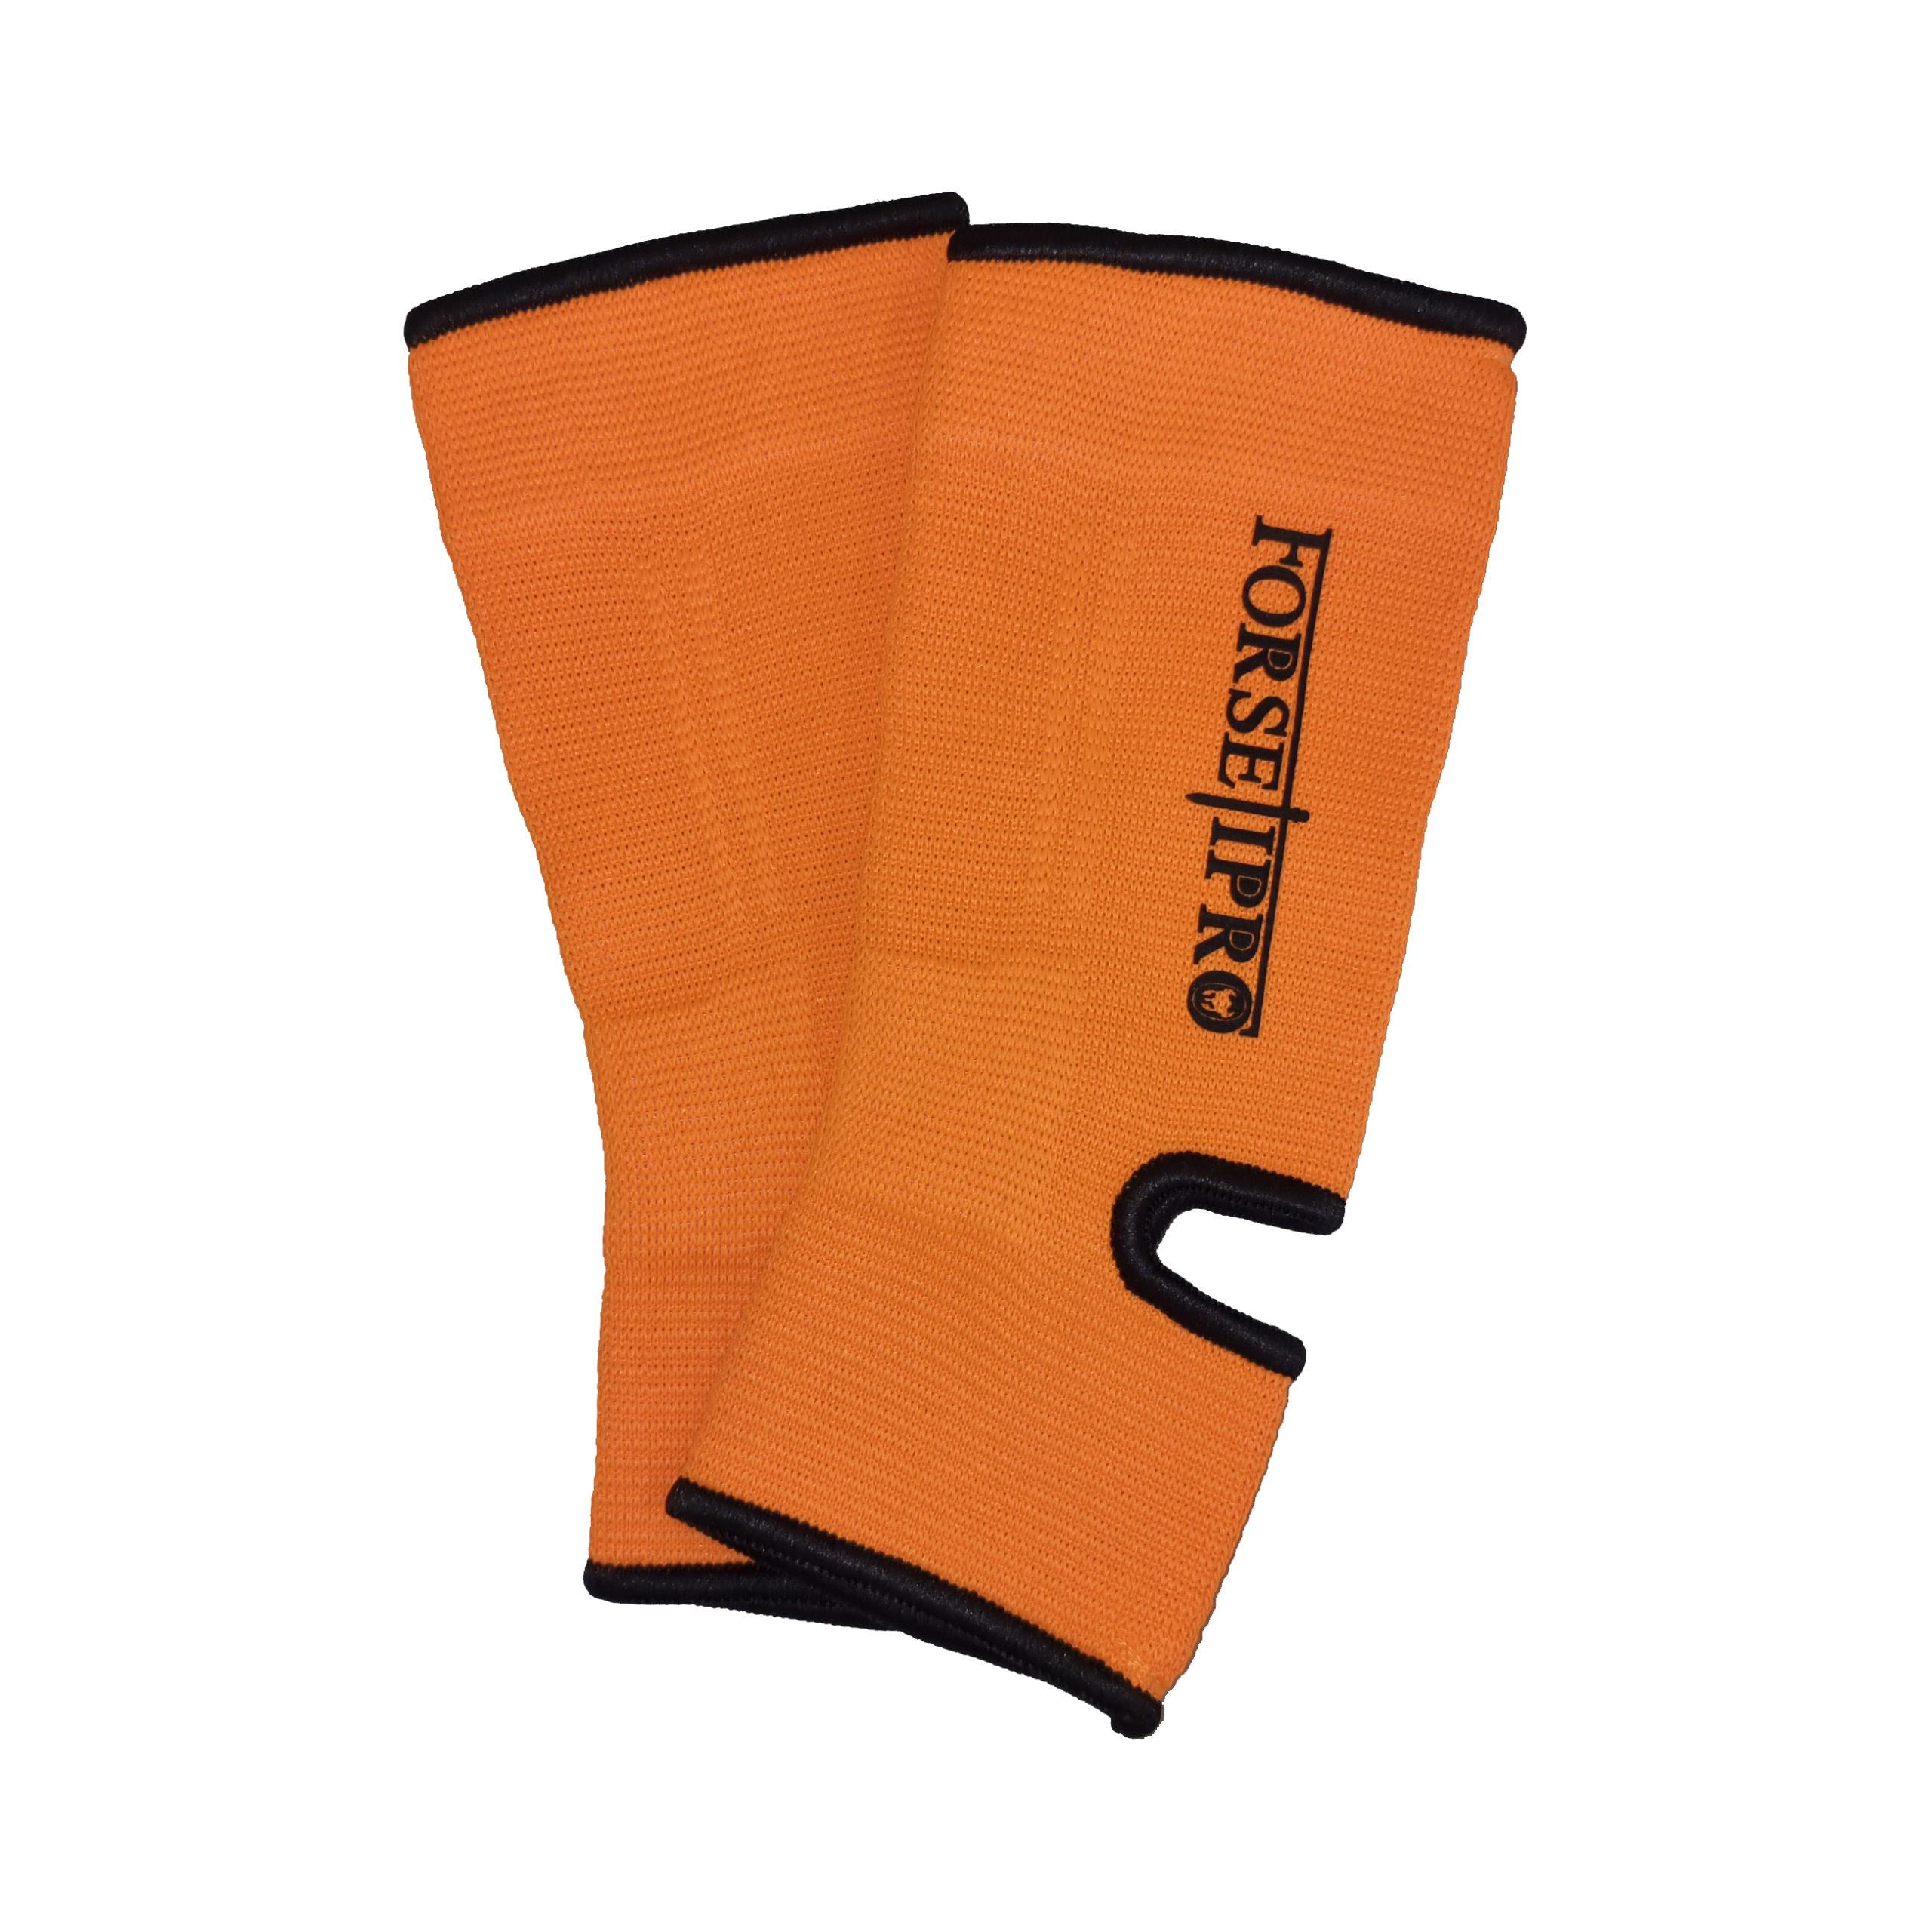 Forseti Pro Enkelkousen B-Stock - Oranje met zwart